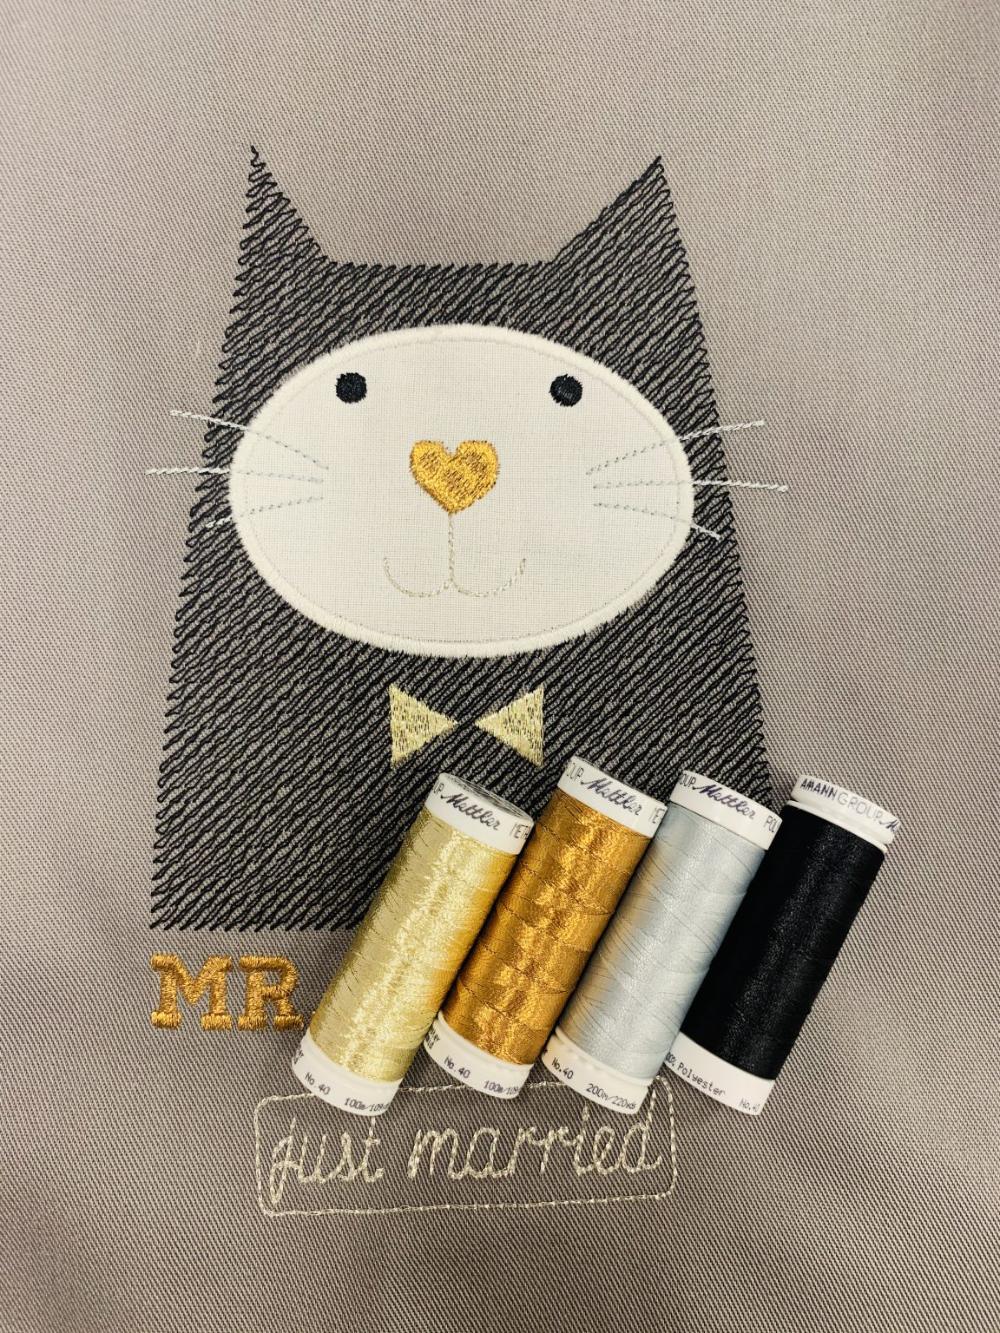 Hochzeitsgeschenk für Katzenfans und Köche » BERNINA Blog